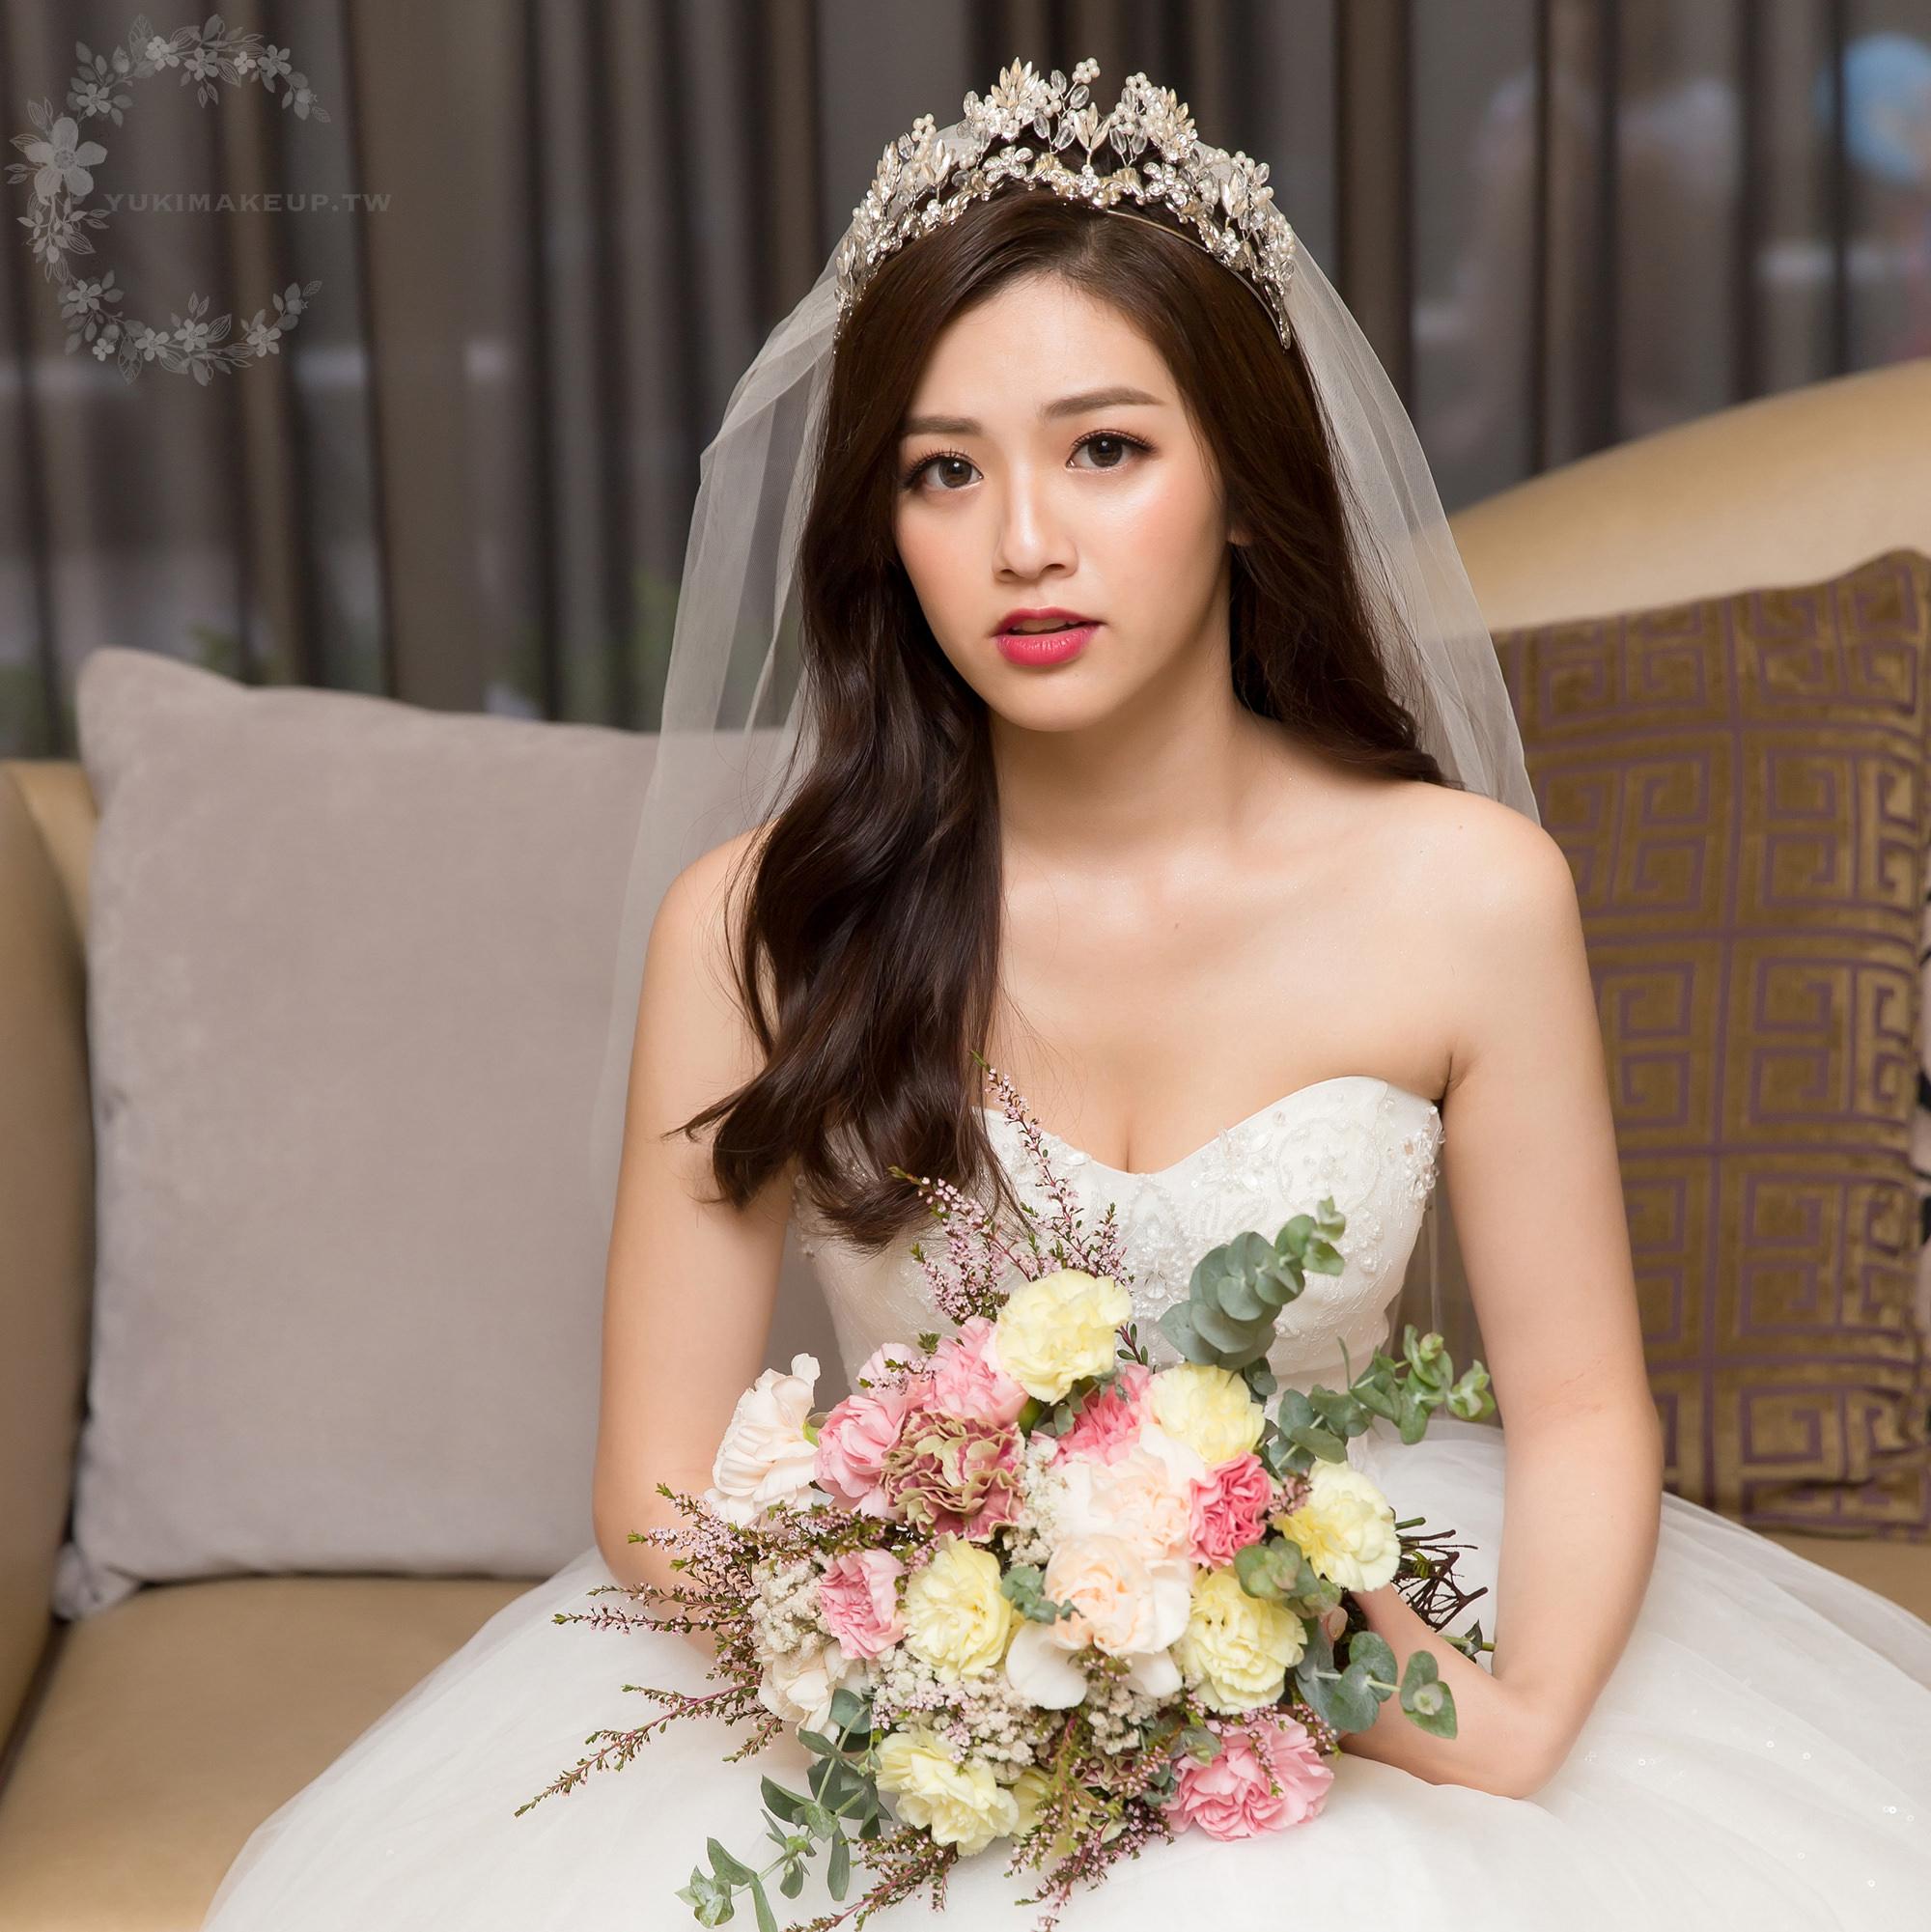 新娘秘書,新秘,新娘造型,新娘髮型,新娘妝容,高雄新秘,wedding hairstyle, 皇冠造型, 華麗風, 白紗造型, 素人改造 新秘Yuki